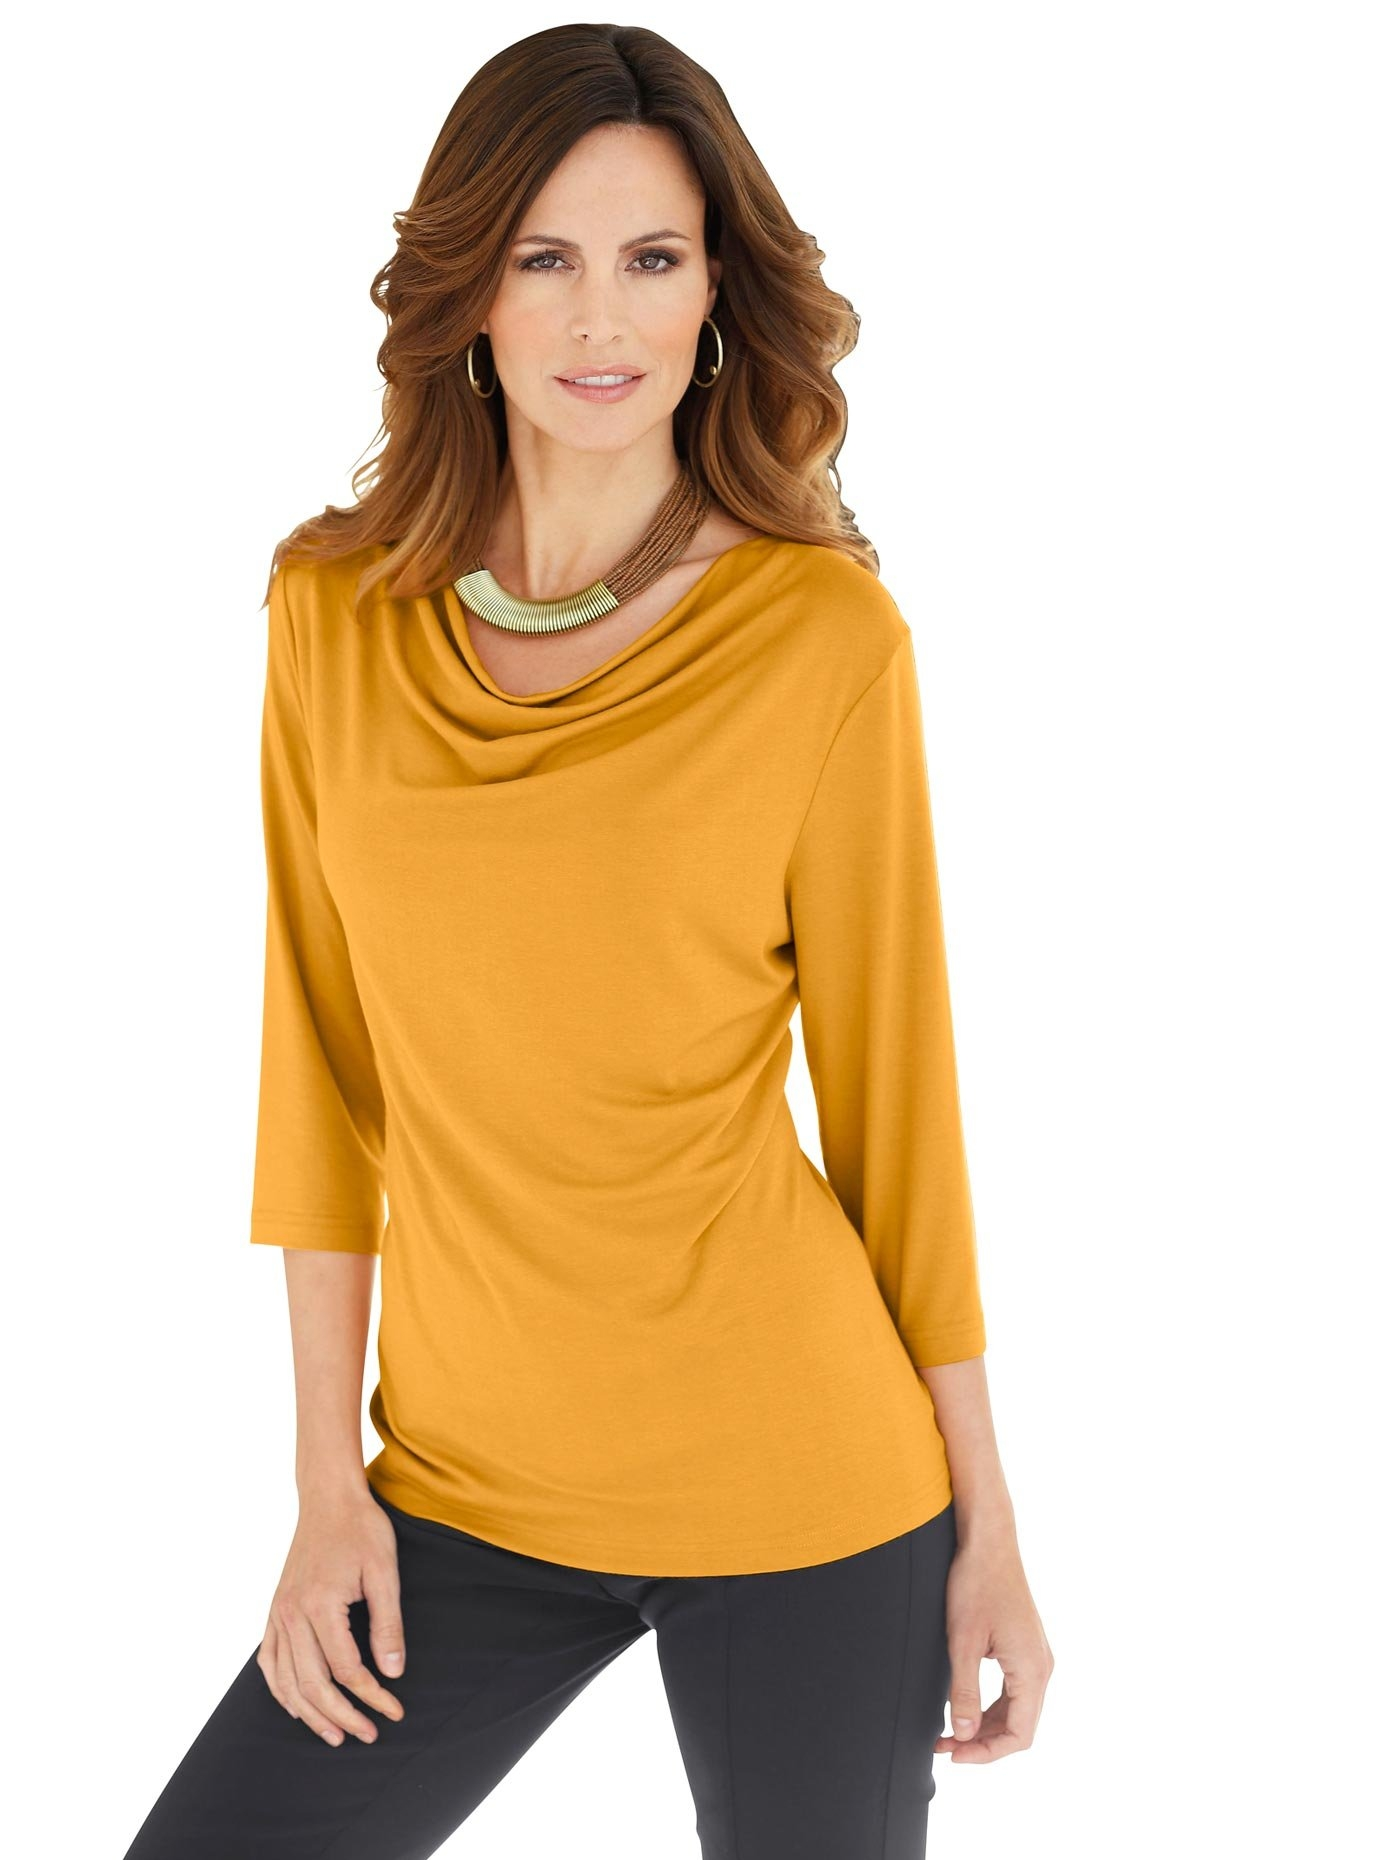 Classic Inspirationen shirt met cascadehals nu online kopen bij OTTO